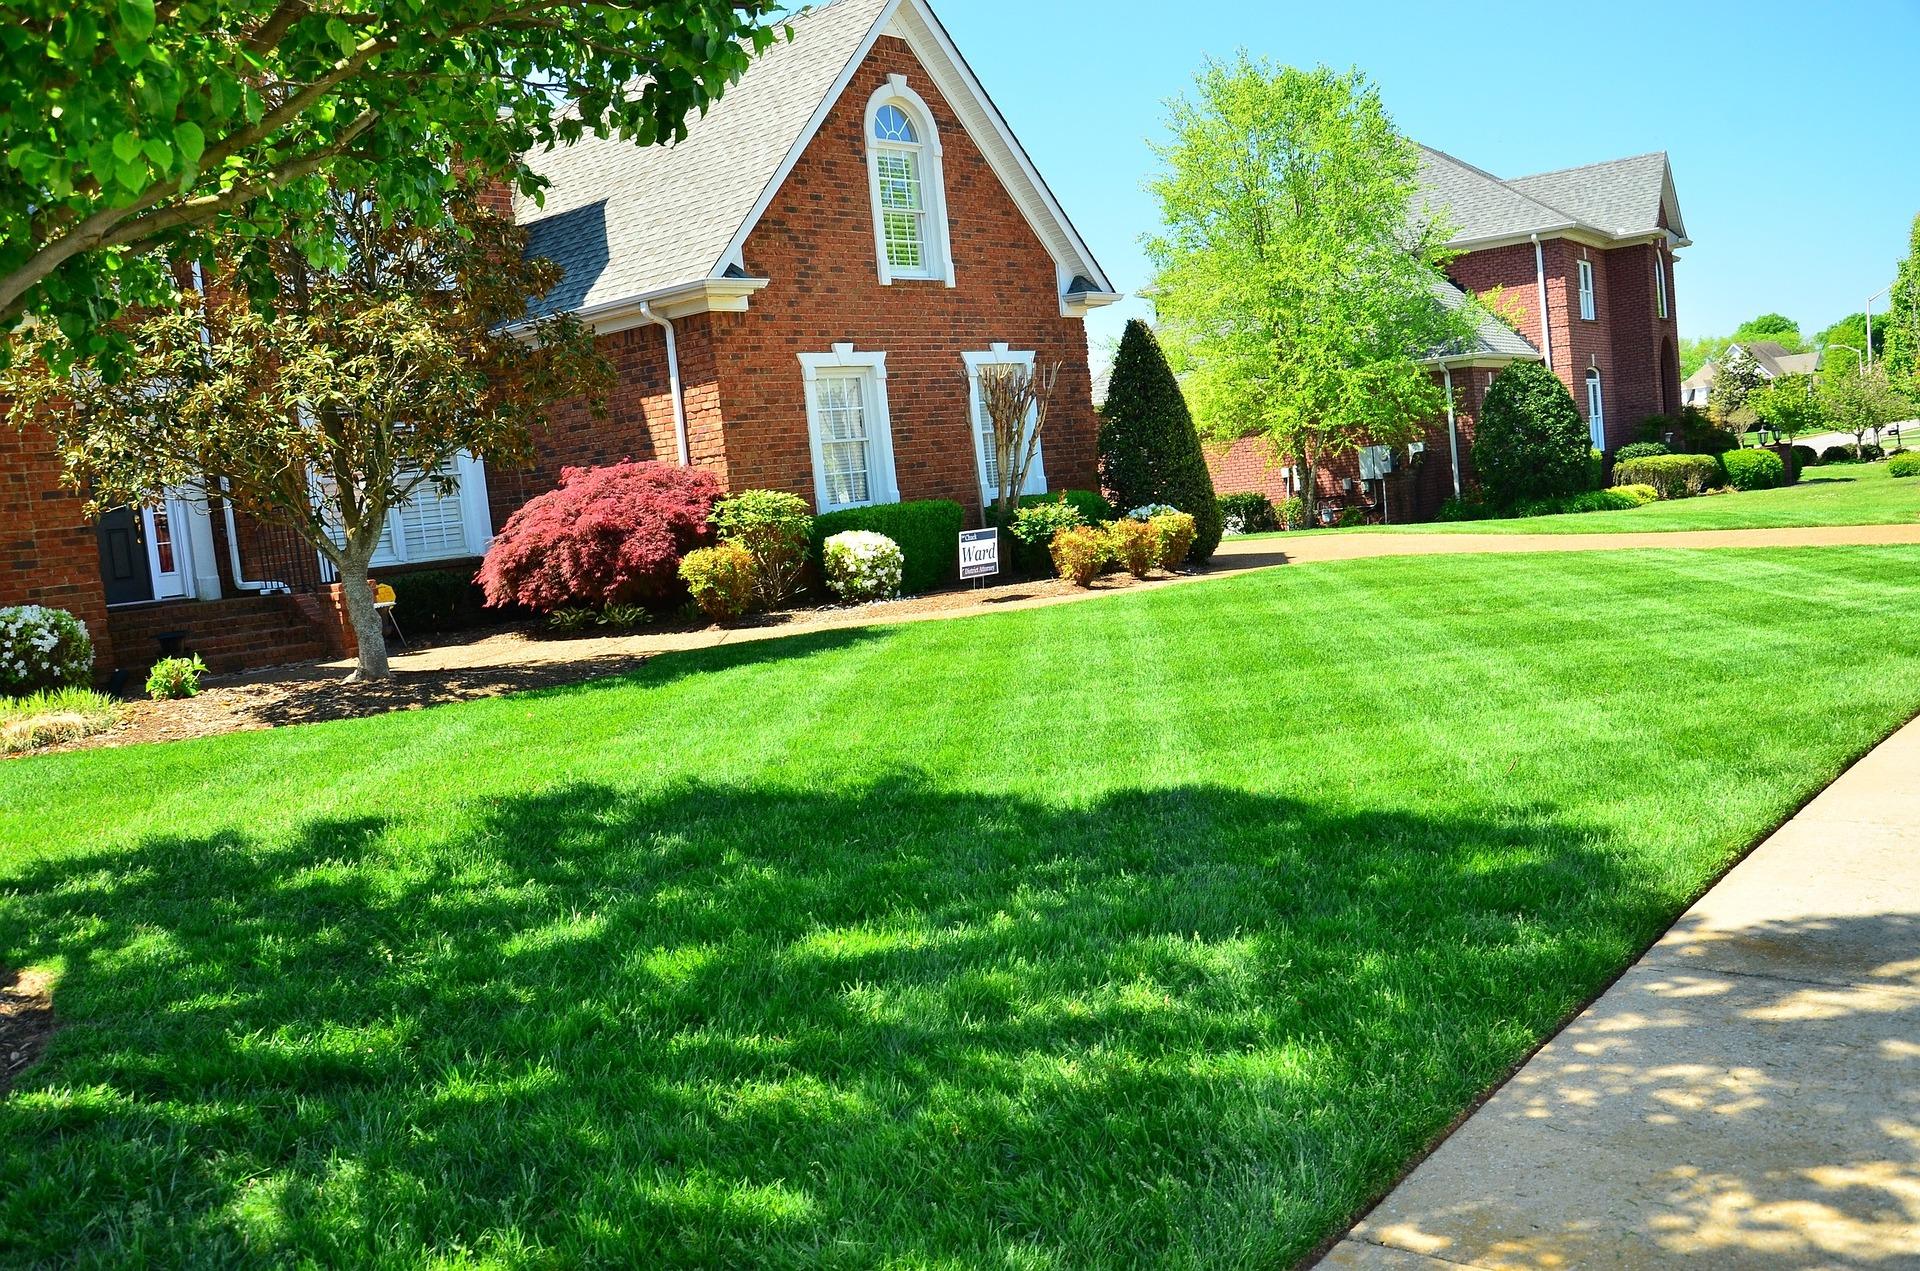 高麗芝の育て方と手入れ方法